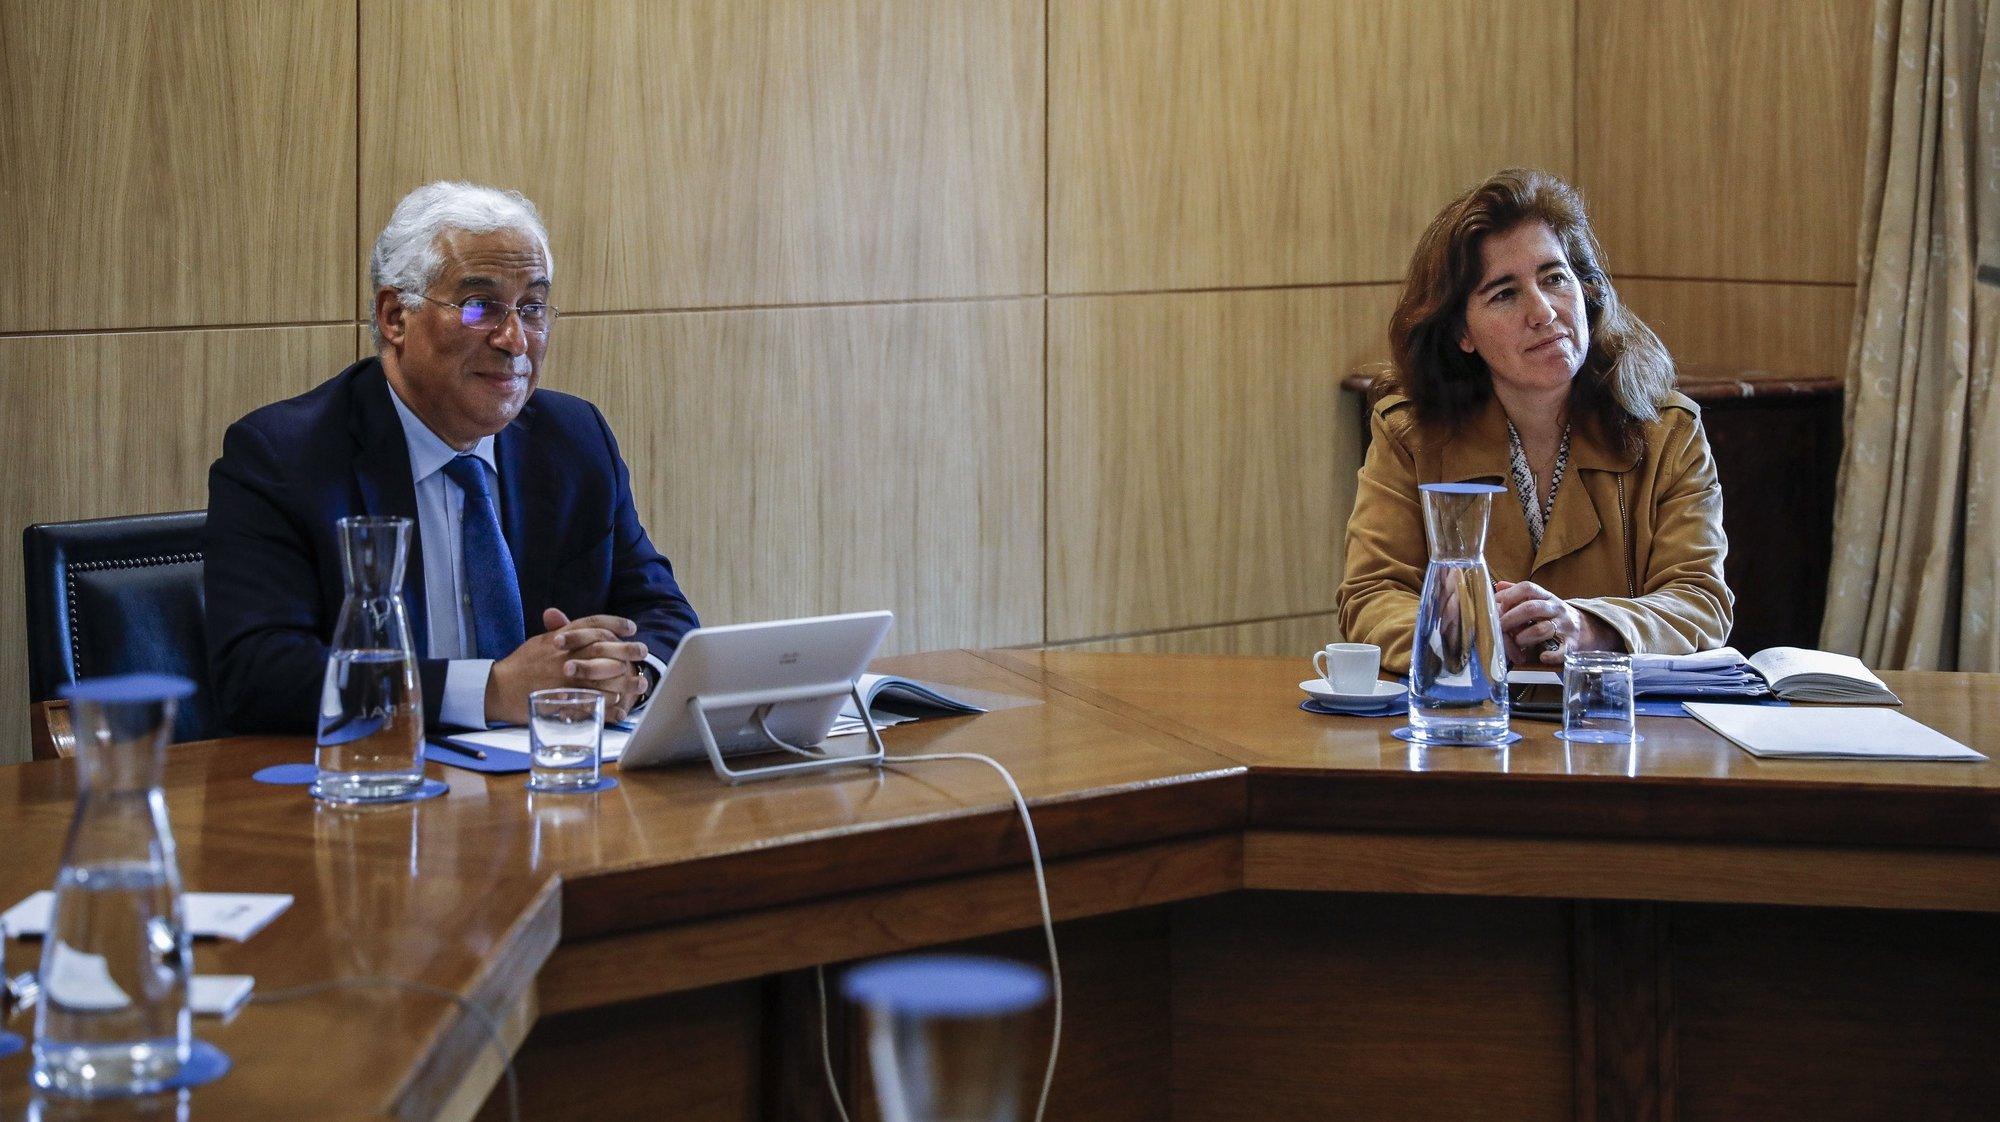 O primeiro-ministro, António Costa (E) acompanhado da ministra do Trabalho, Solidariedade e Segurança Social, Ana Mendes Godinho (D), durante a reunião da Comissão Permanente de Concertação Social para preparação do conselho europeu, em Lisboa, 21 de abril de 2020. RODRIGO ANTUNES/LUSA